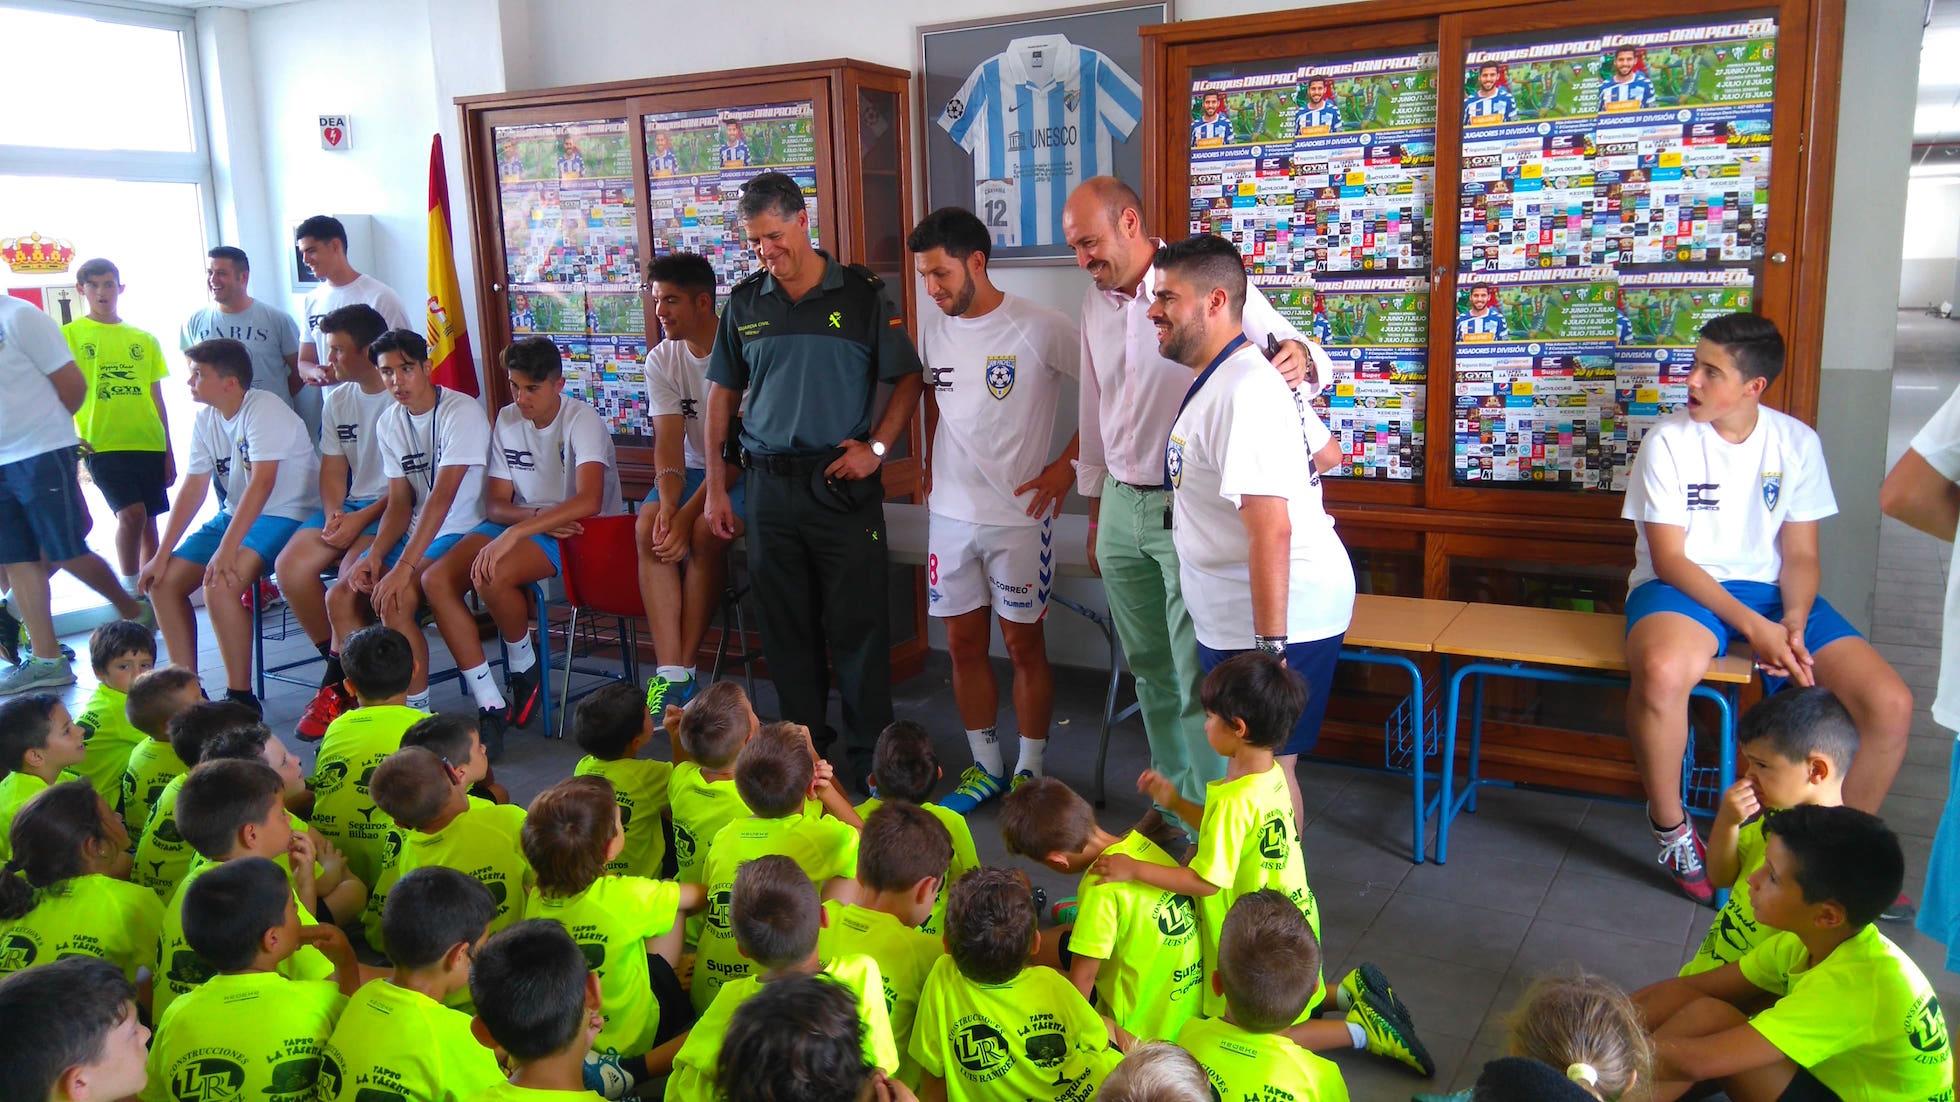 El futbolista Dani Pacheco y el árbitro Diego Barbero visitan el campus de fútbol